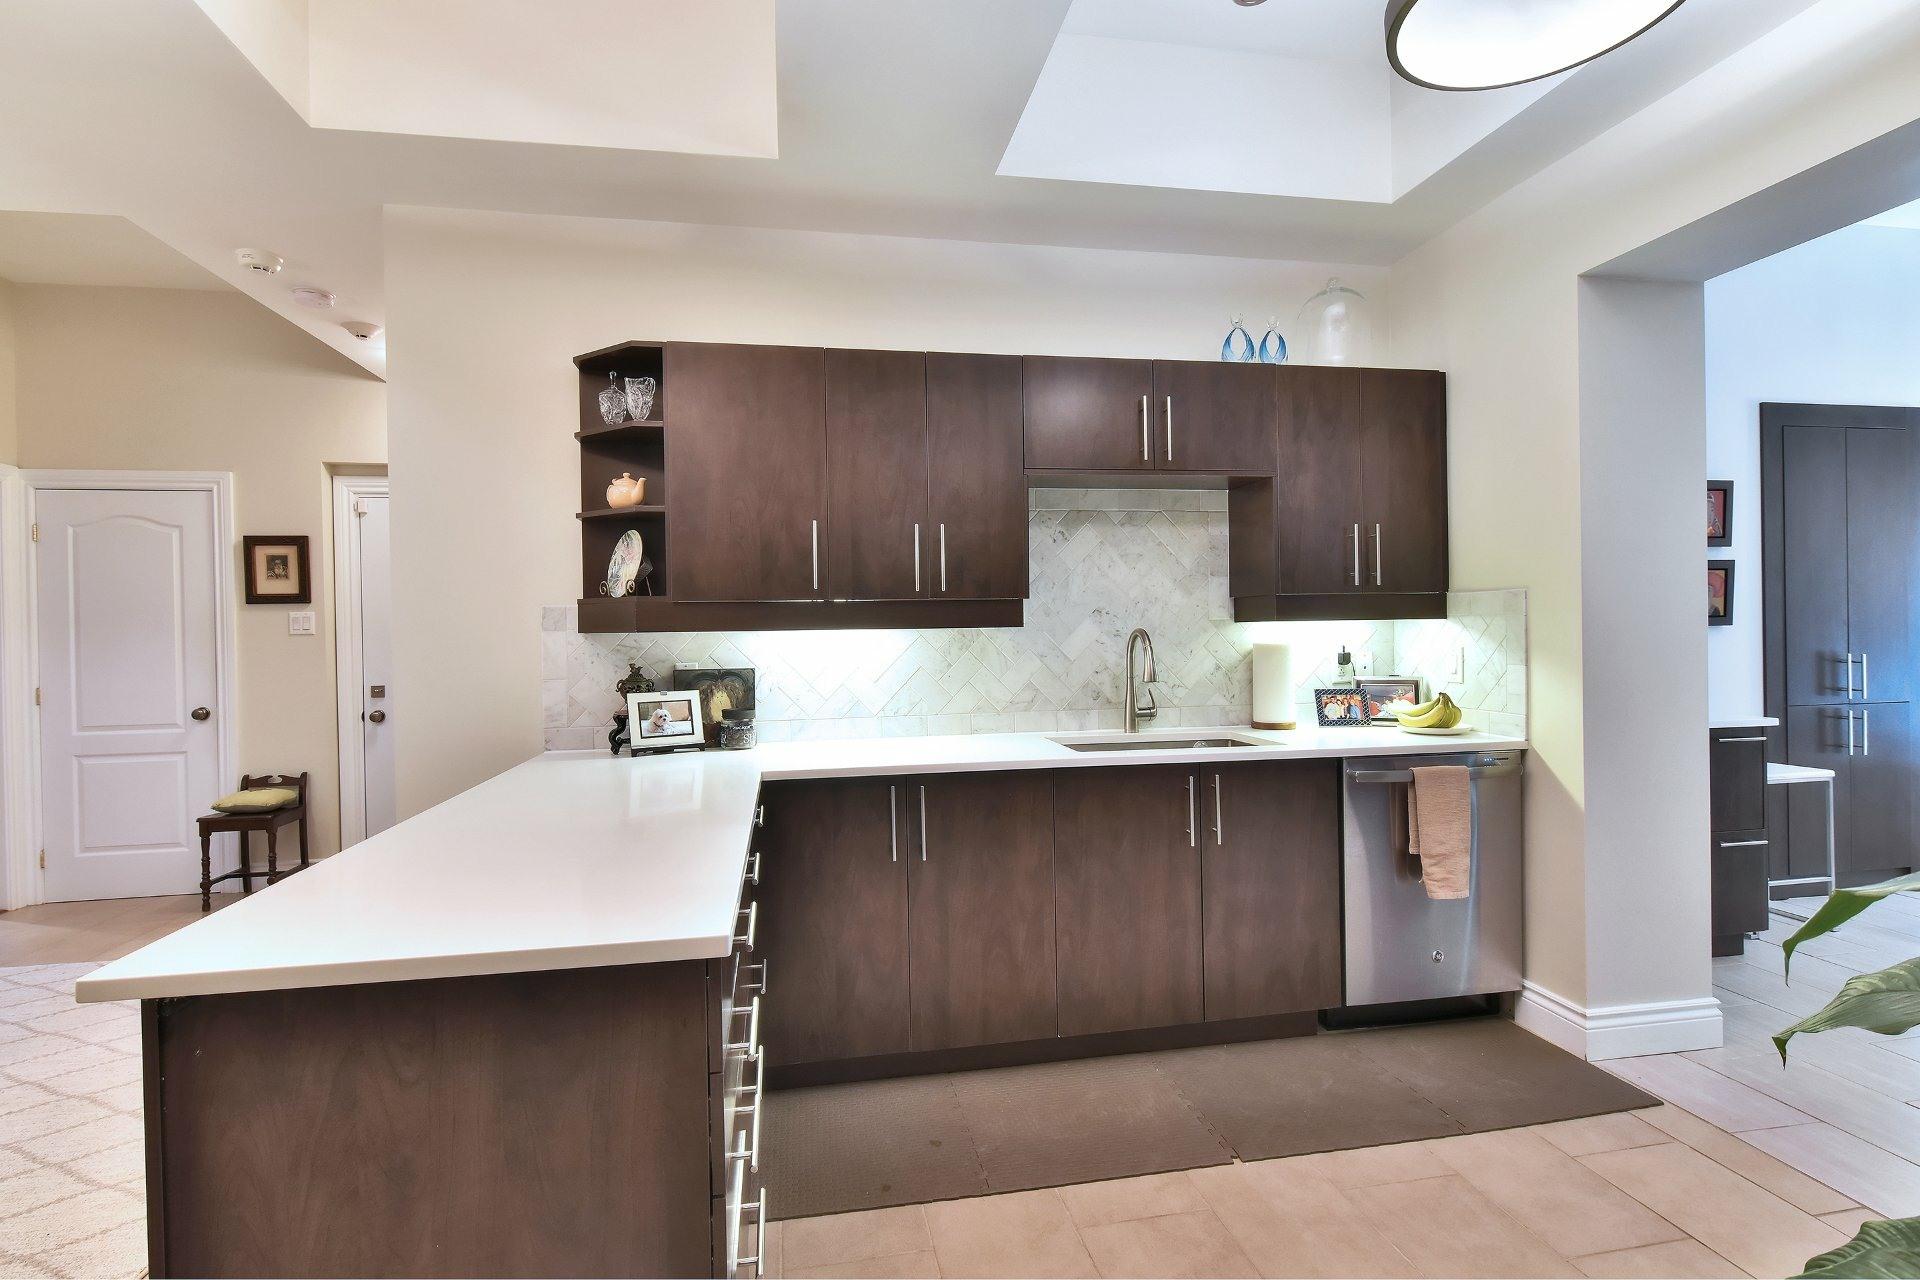 image 14 - Apartment For sale Montréal Côte-des-Neiges/Notre-Dame-de-Grâce  - 5 rooms